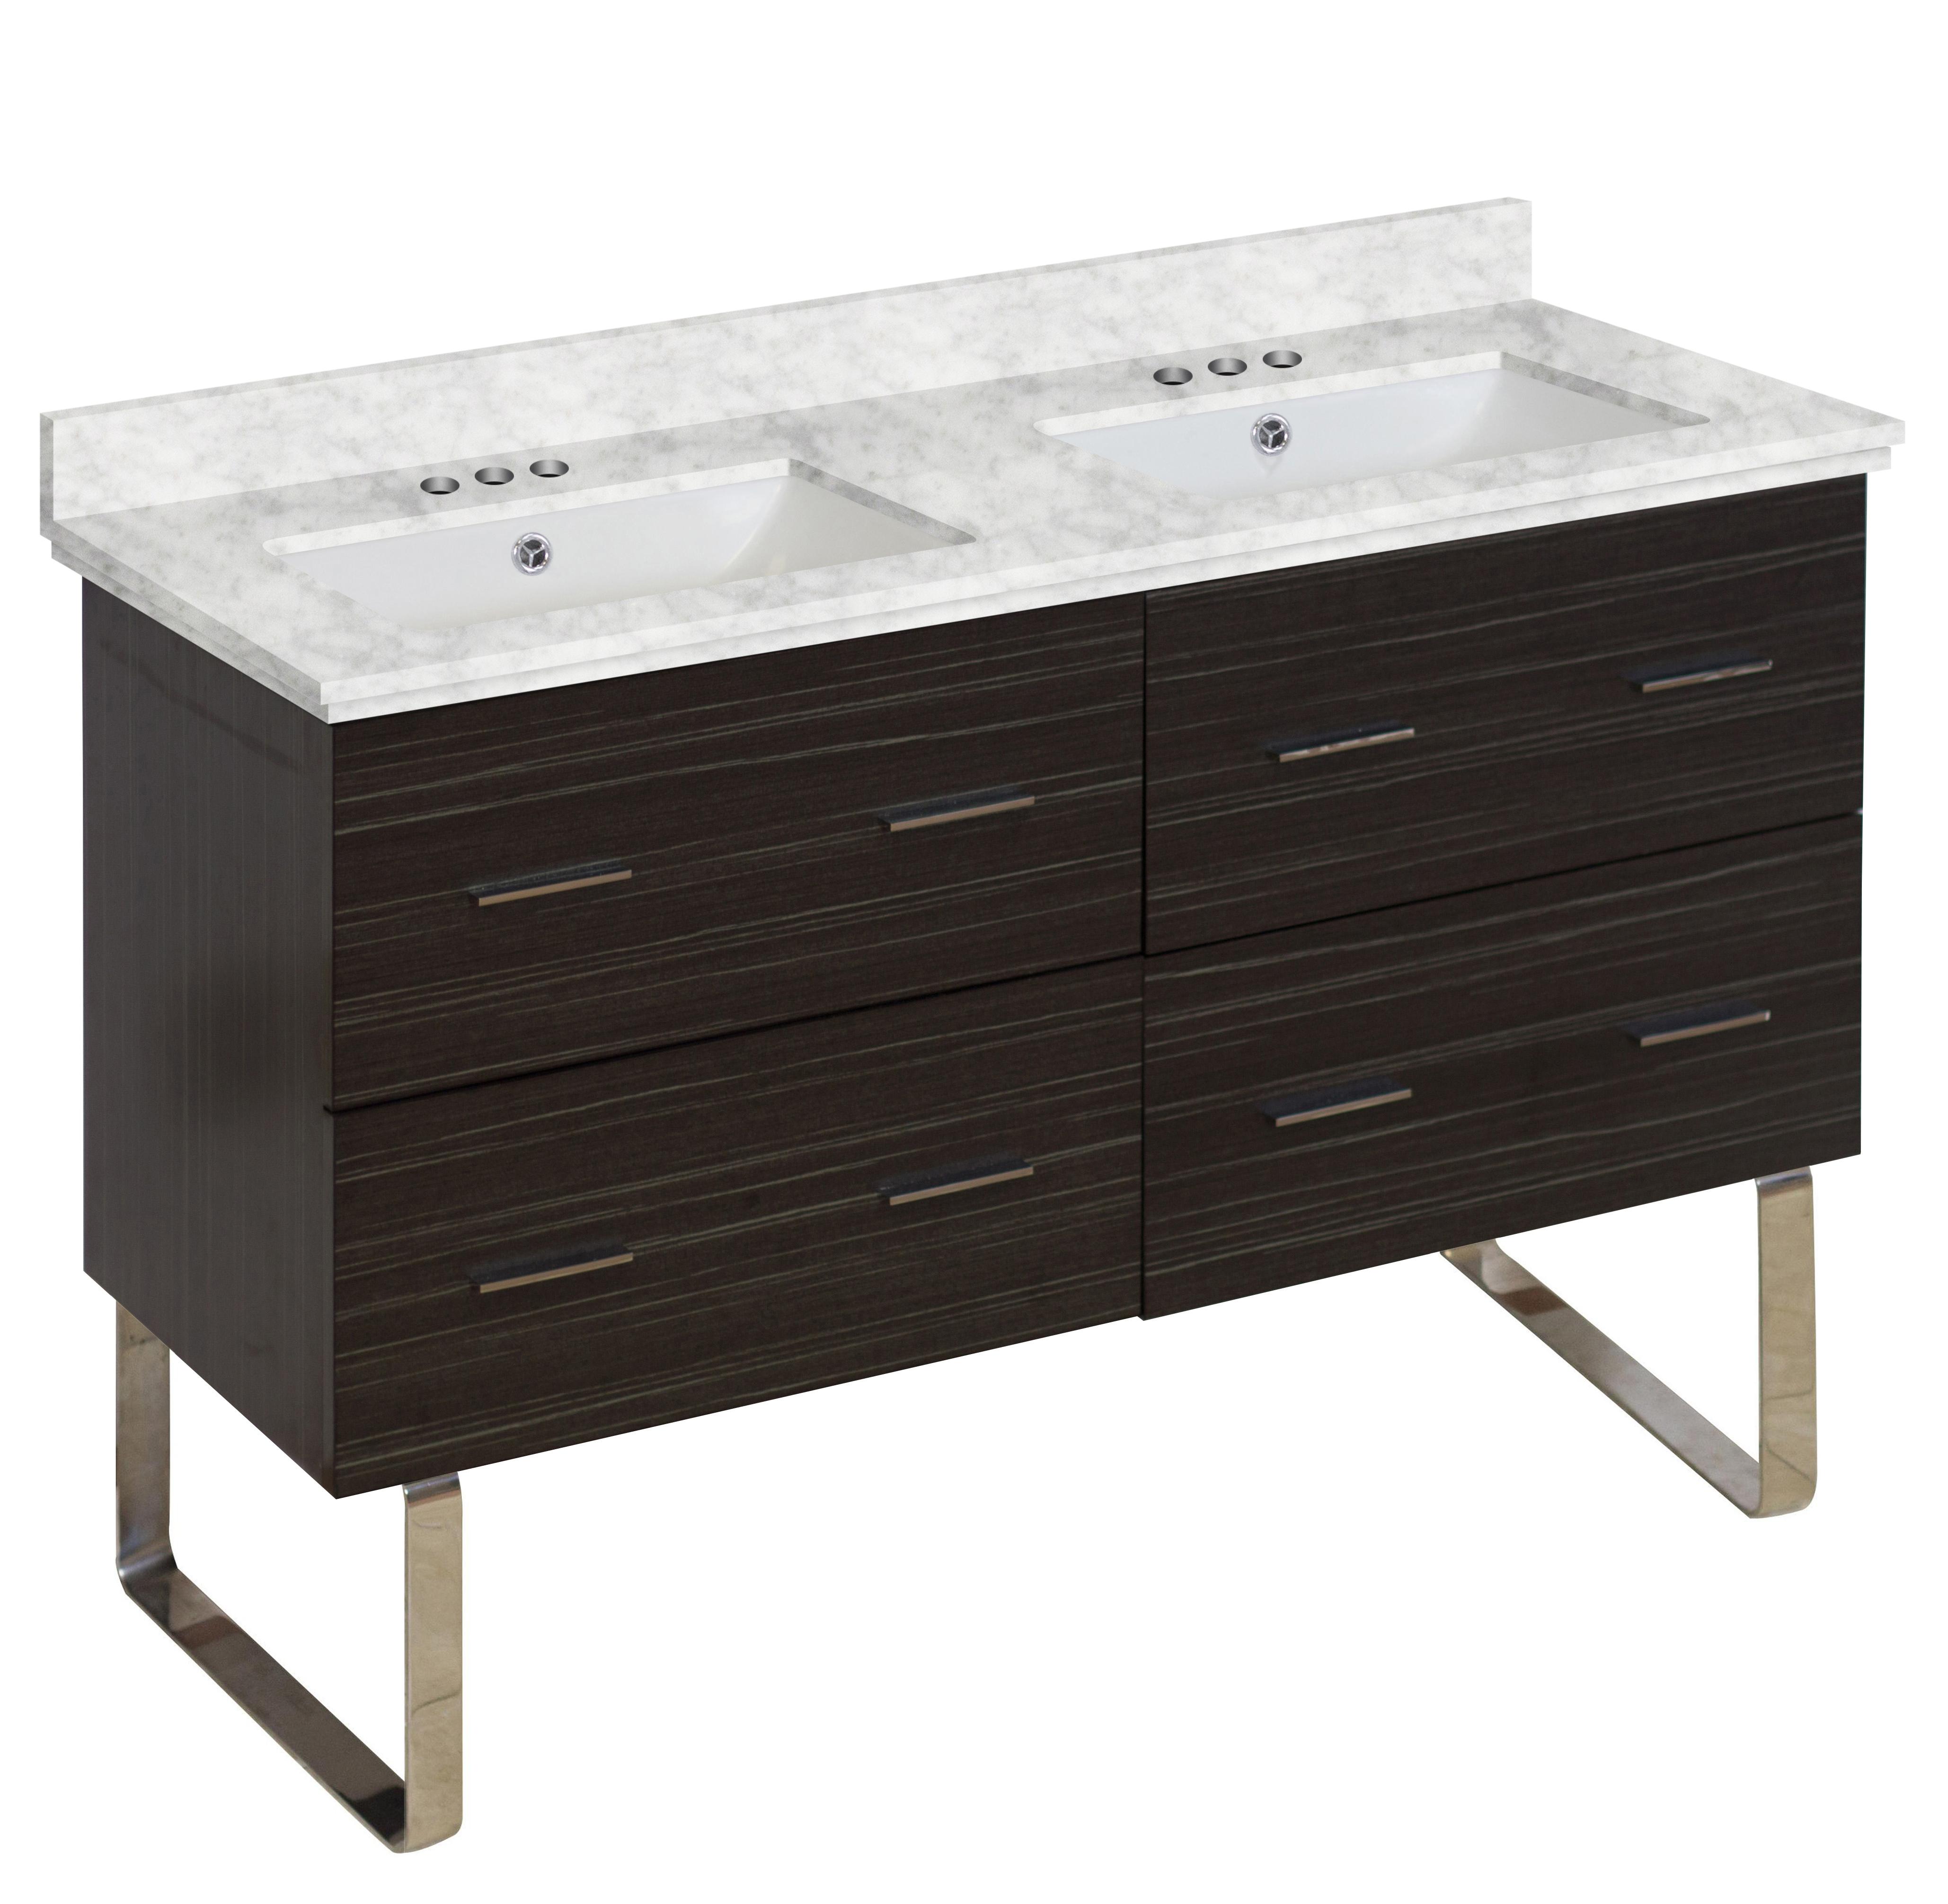 Bathroom Accessories Vancouver Vanities Faucets Bathroom Accessories Vessels Sinks Wood